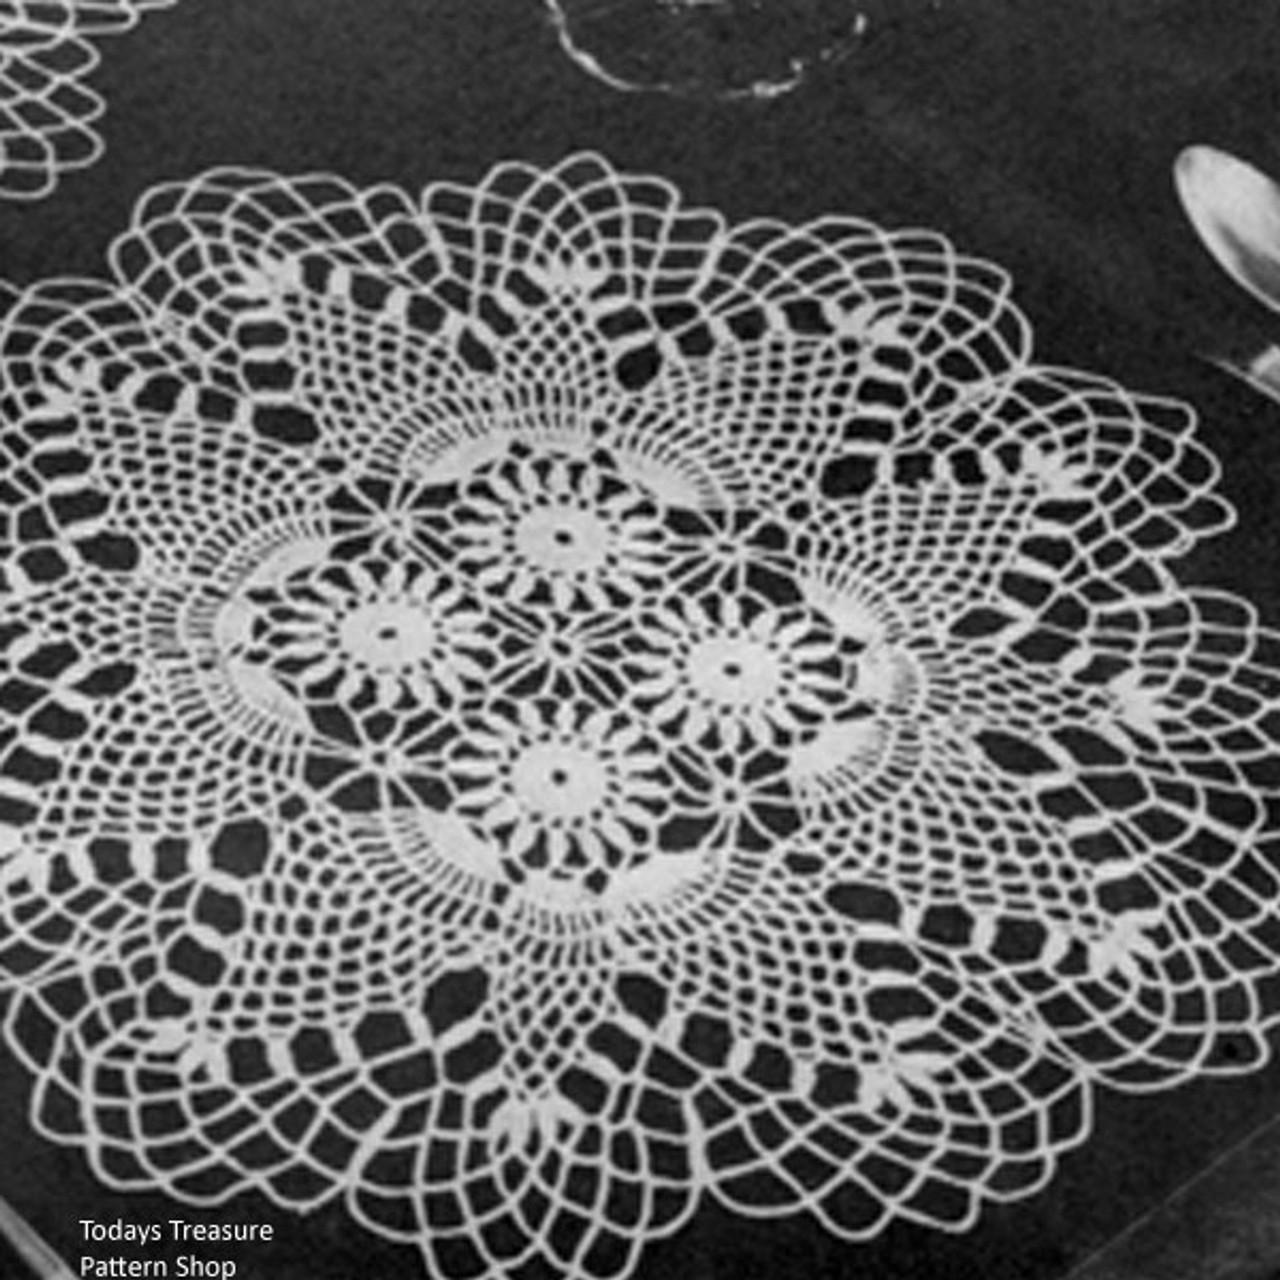 Doily Place Mat Vintage Crochet pattern